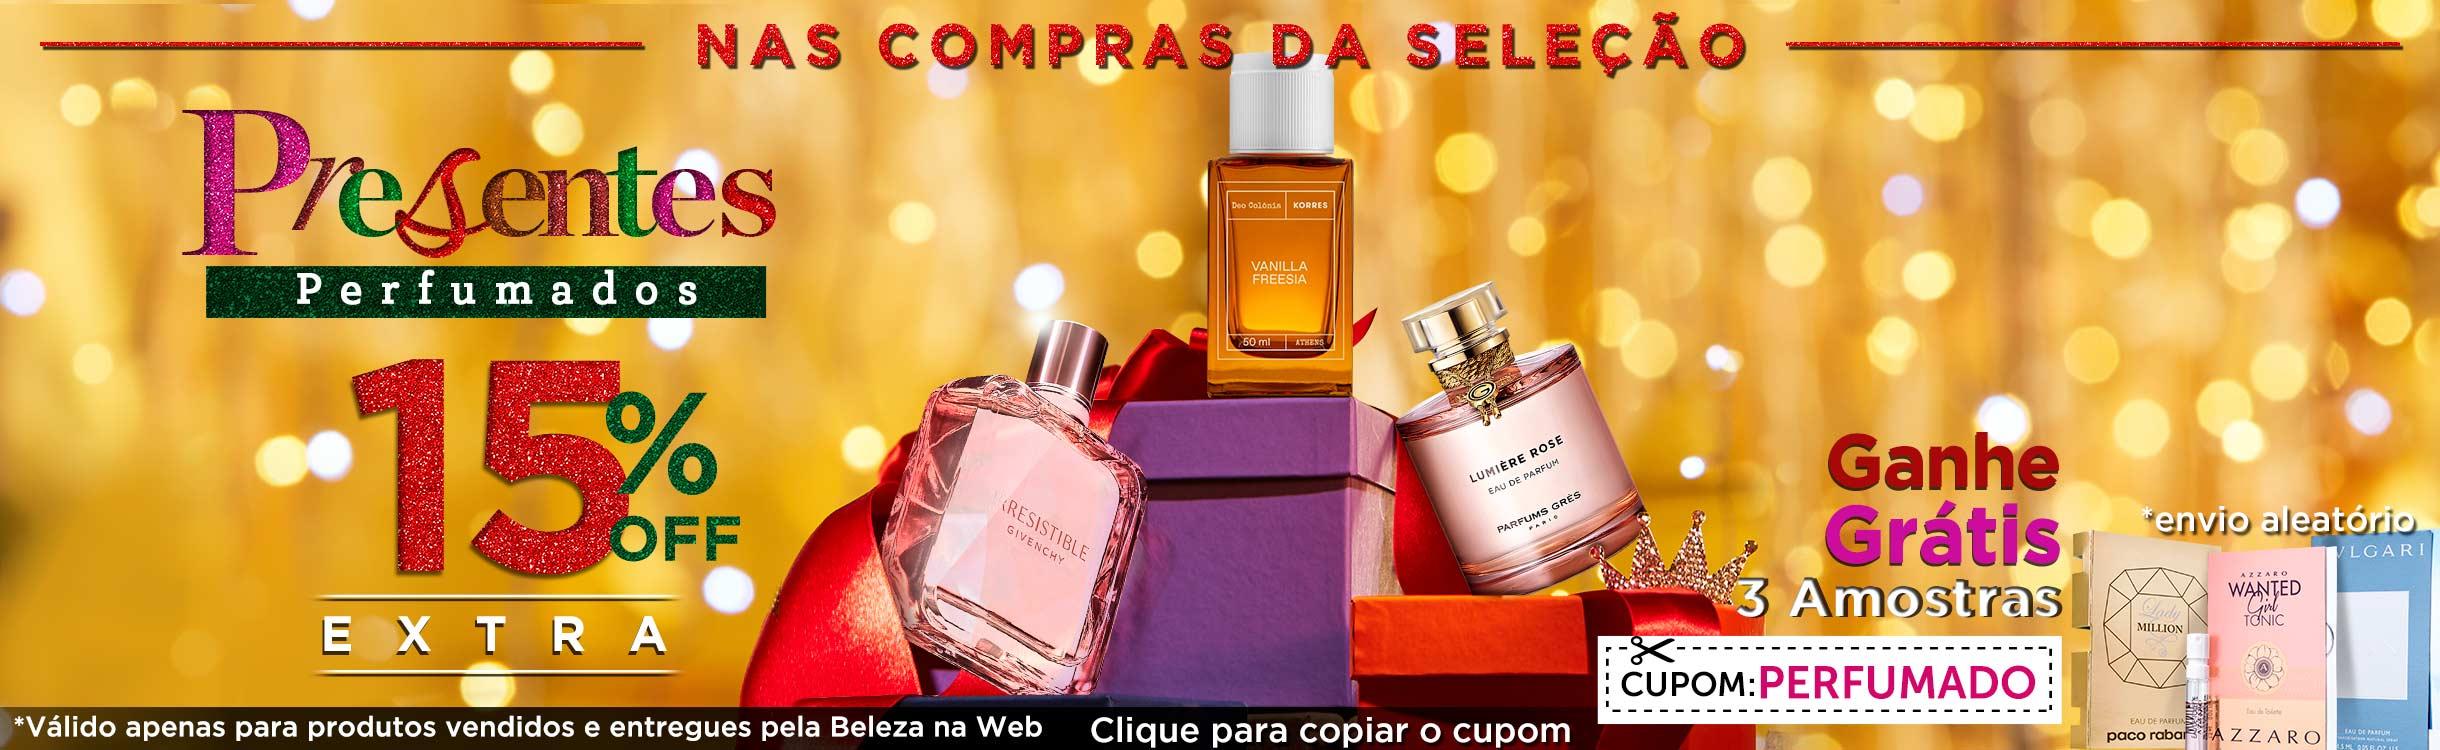 Perfumes para Presentear com Desconto Especial